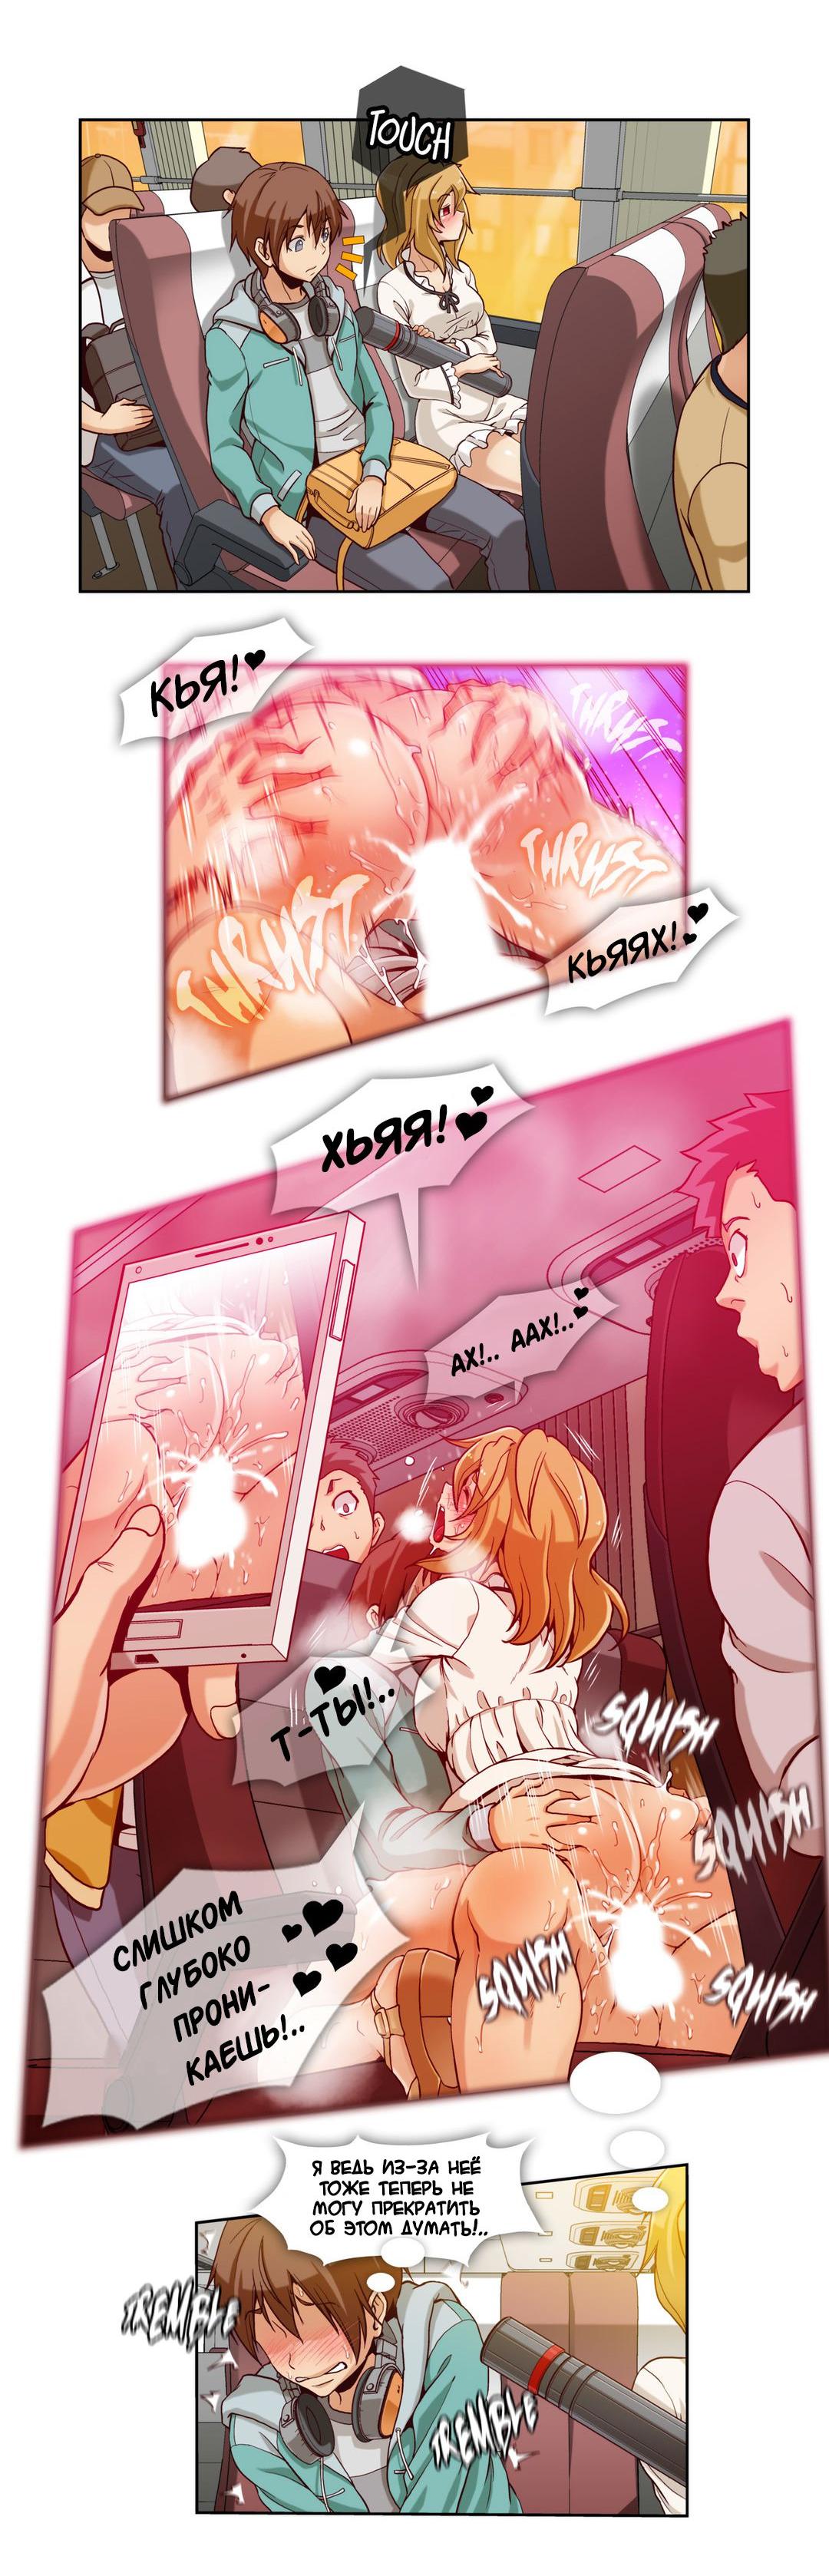 Secret X Folder — Глава 4 — Кончи в меня! (2) Манга,